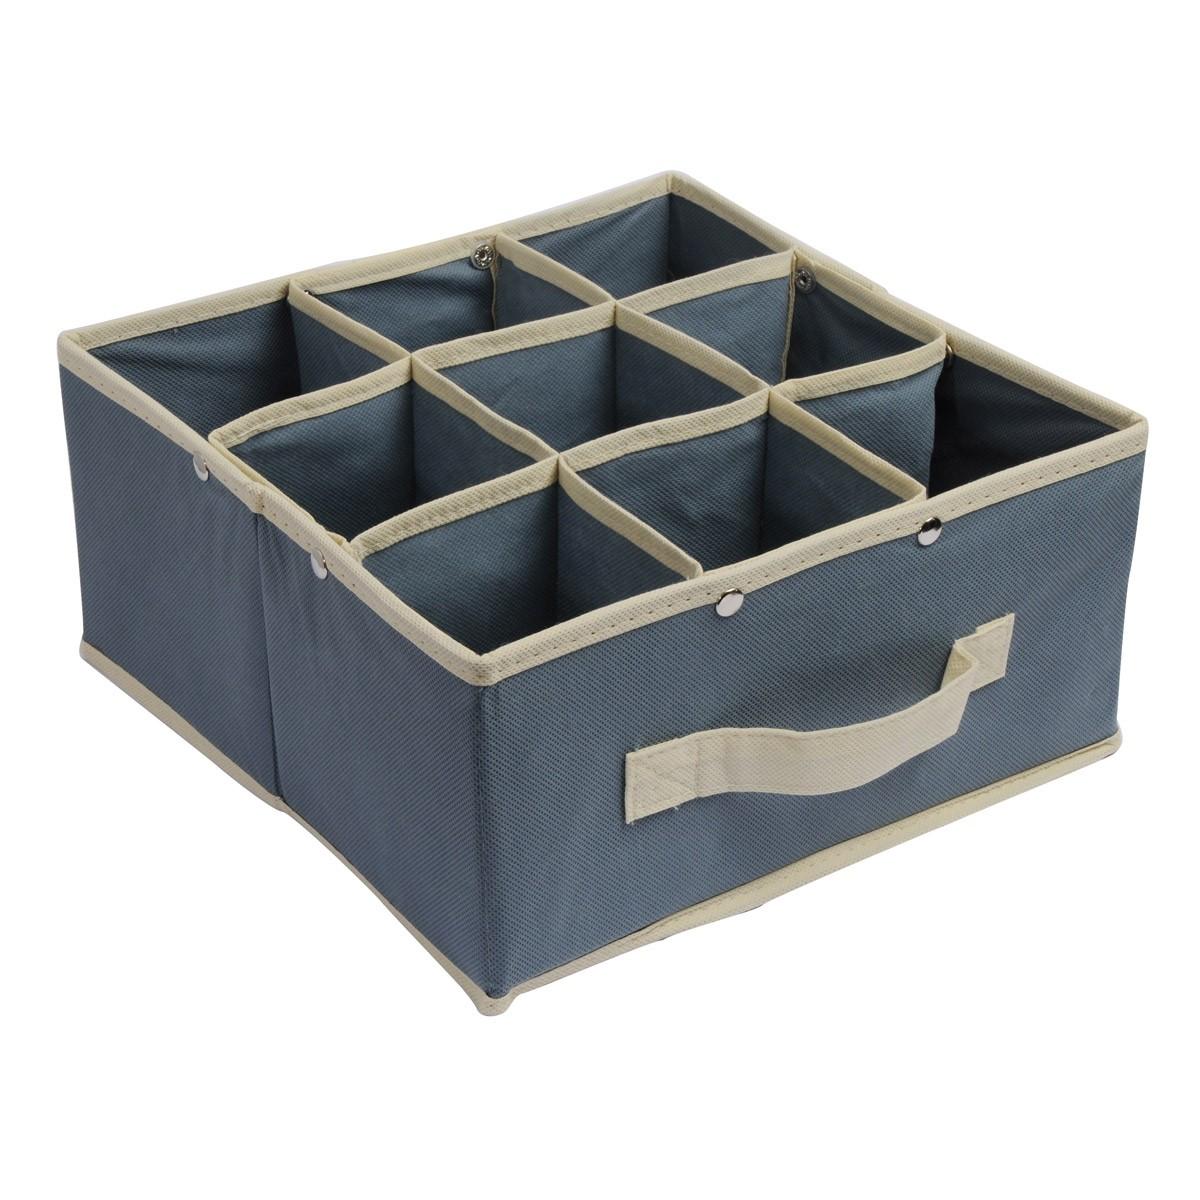 Κουτί Τακτοποίησης 9 Θέσεων εstia 03-4910 Grey home   κρεβατοκάμαρα   οργάνωση ντουλάπας